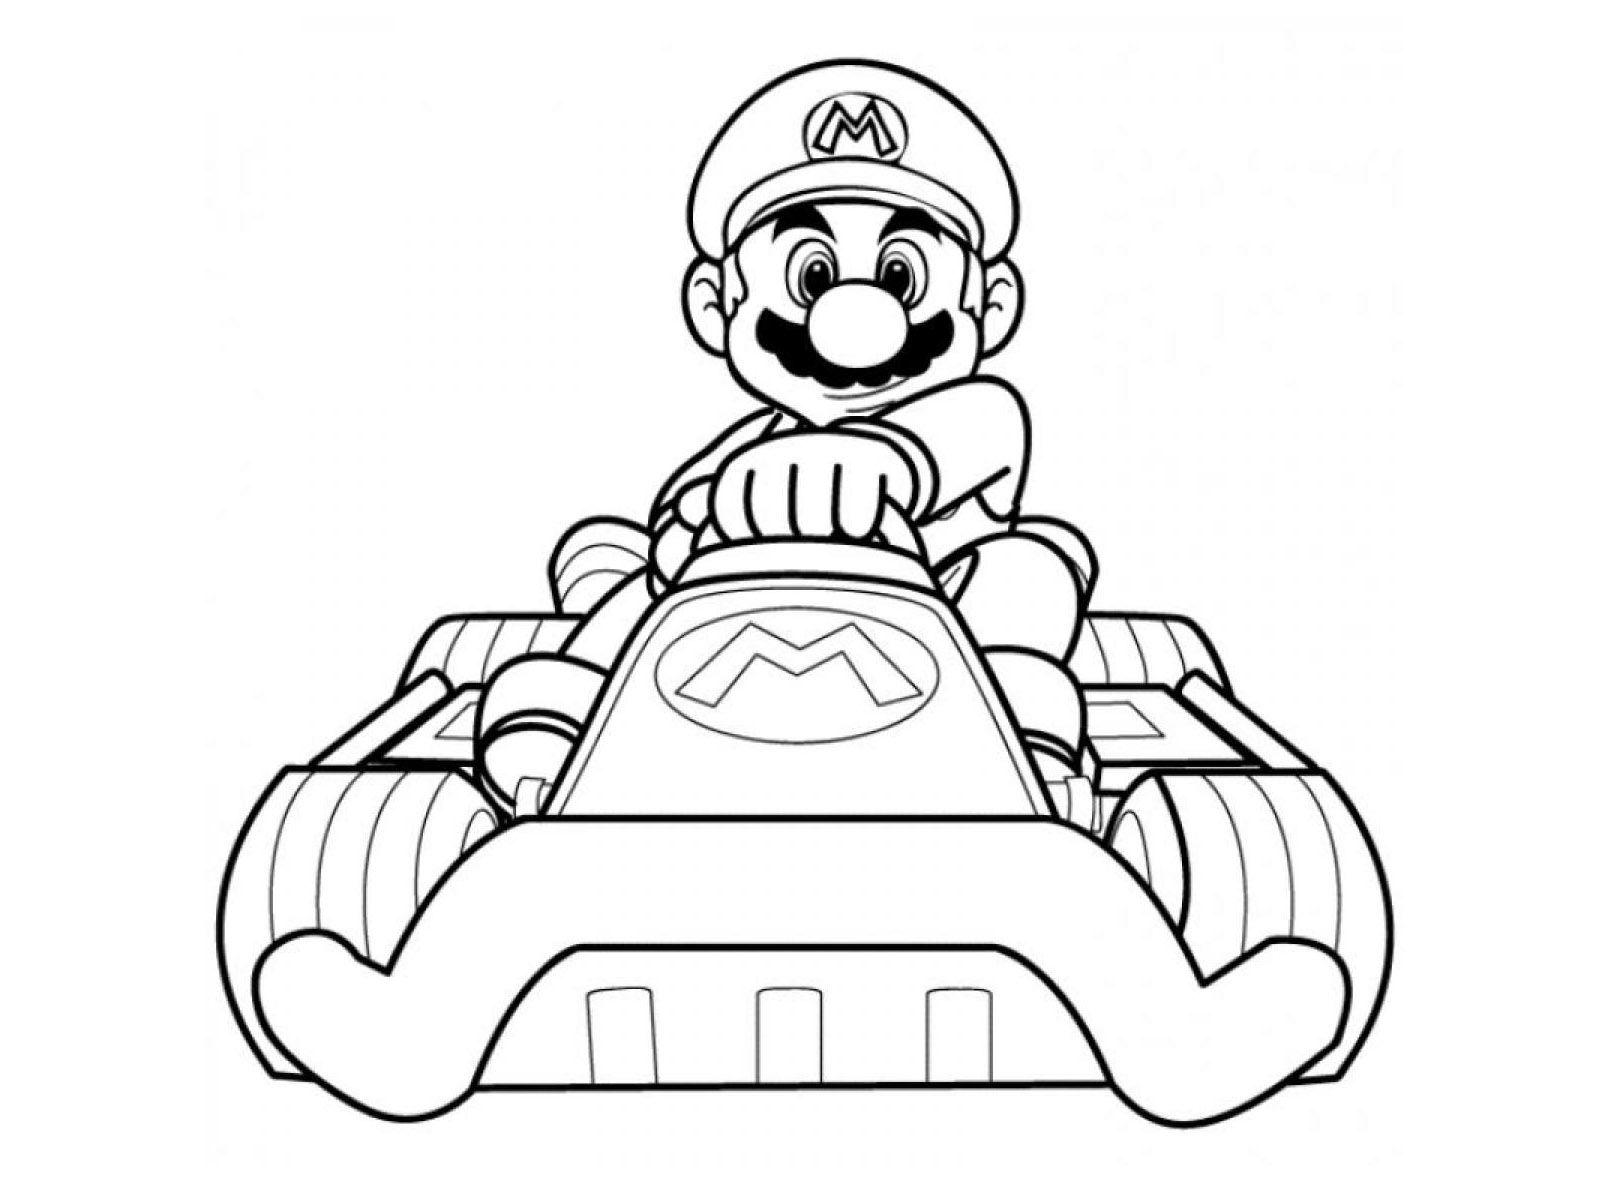 Coloriage Mario Bros | idée stickers et flex | Pinterest